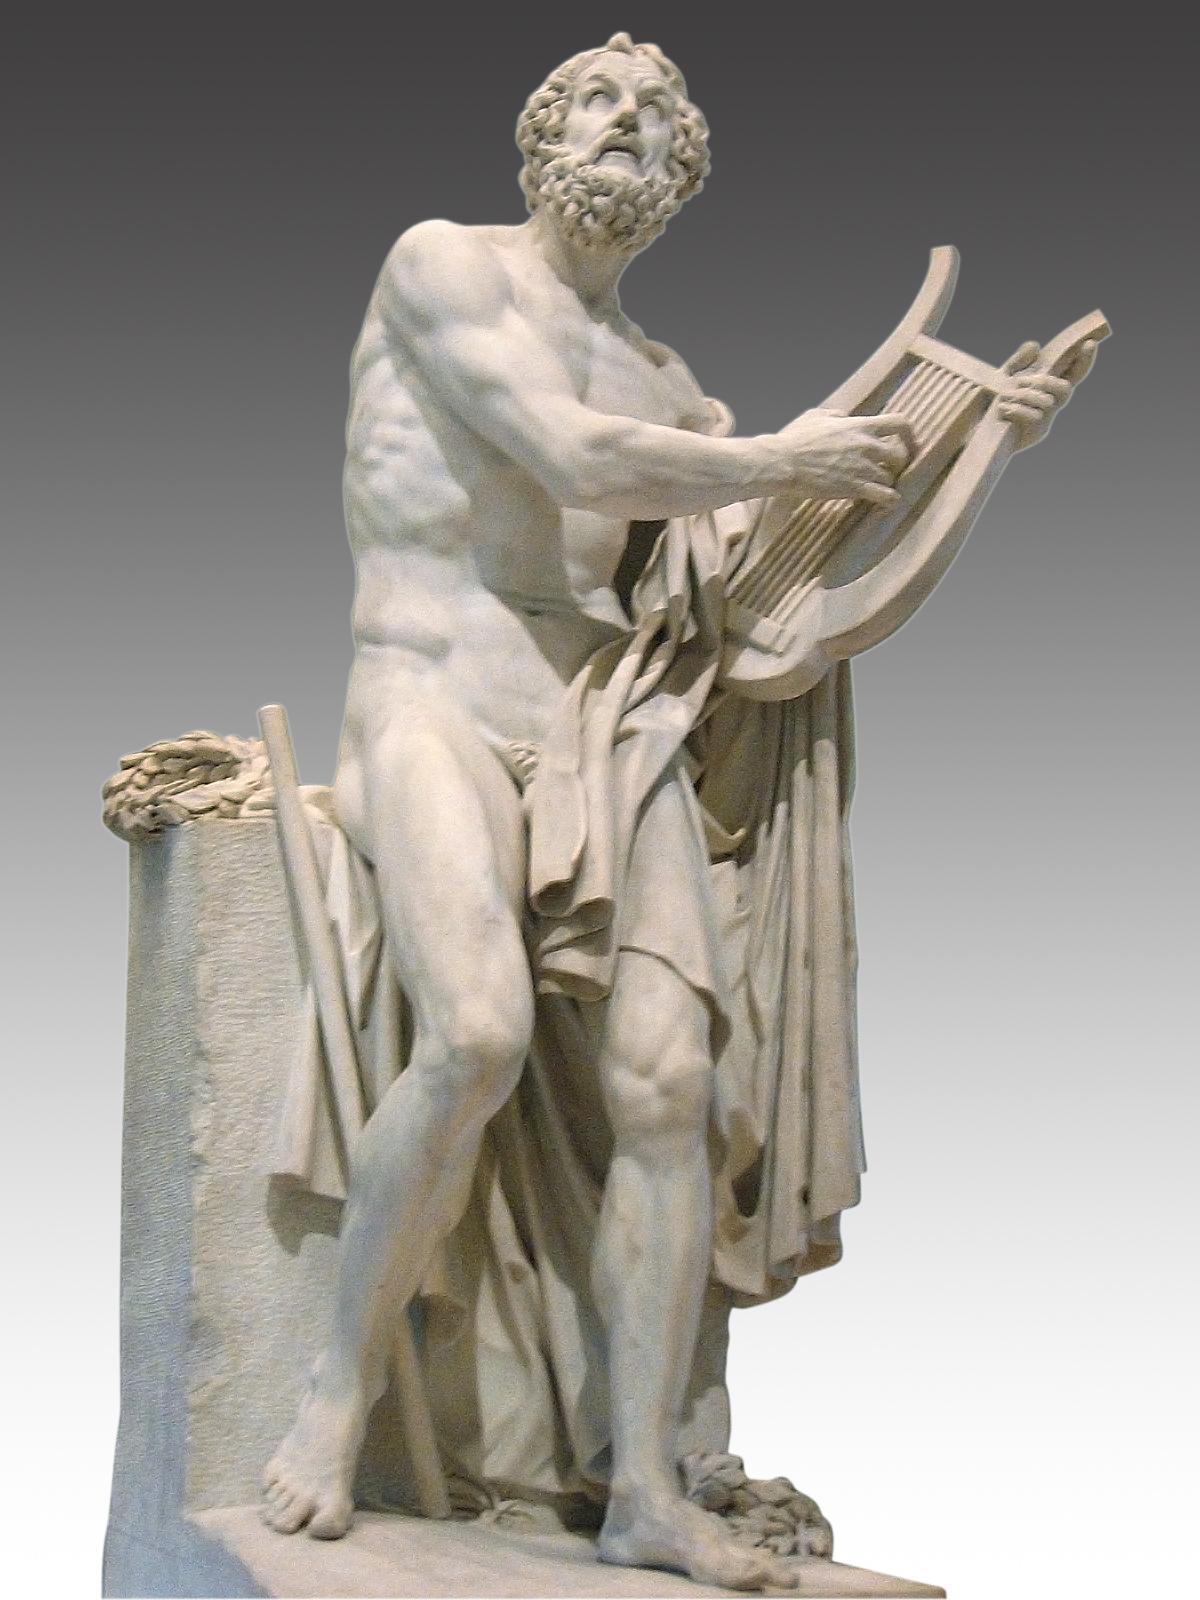 Escultura em mármore branco de Homero, homem de cabelos e barbas cacheados e corpo nu, musculoso, de frente, apoiado em um pedestal. Está com a cabeça para o alto  e toca uma lira, instrumento musical, que segura com a mão esquerda. Um manto caído do ombro esquerdo lhe cobre a área genital.